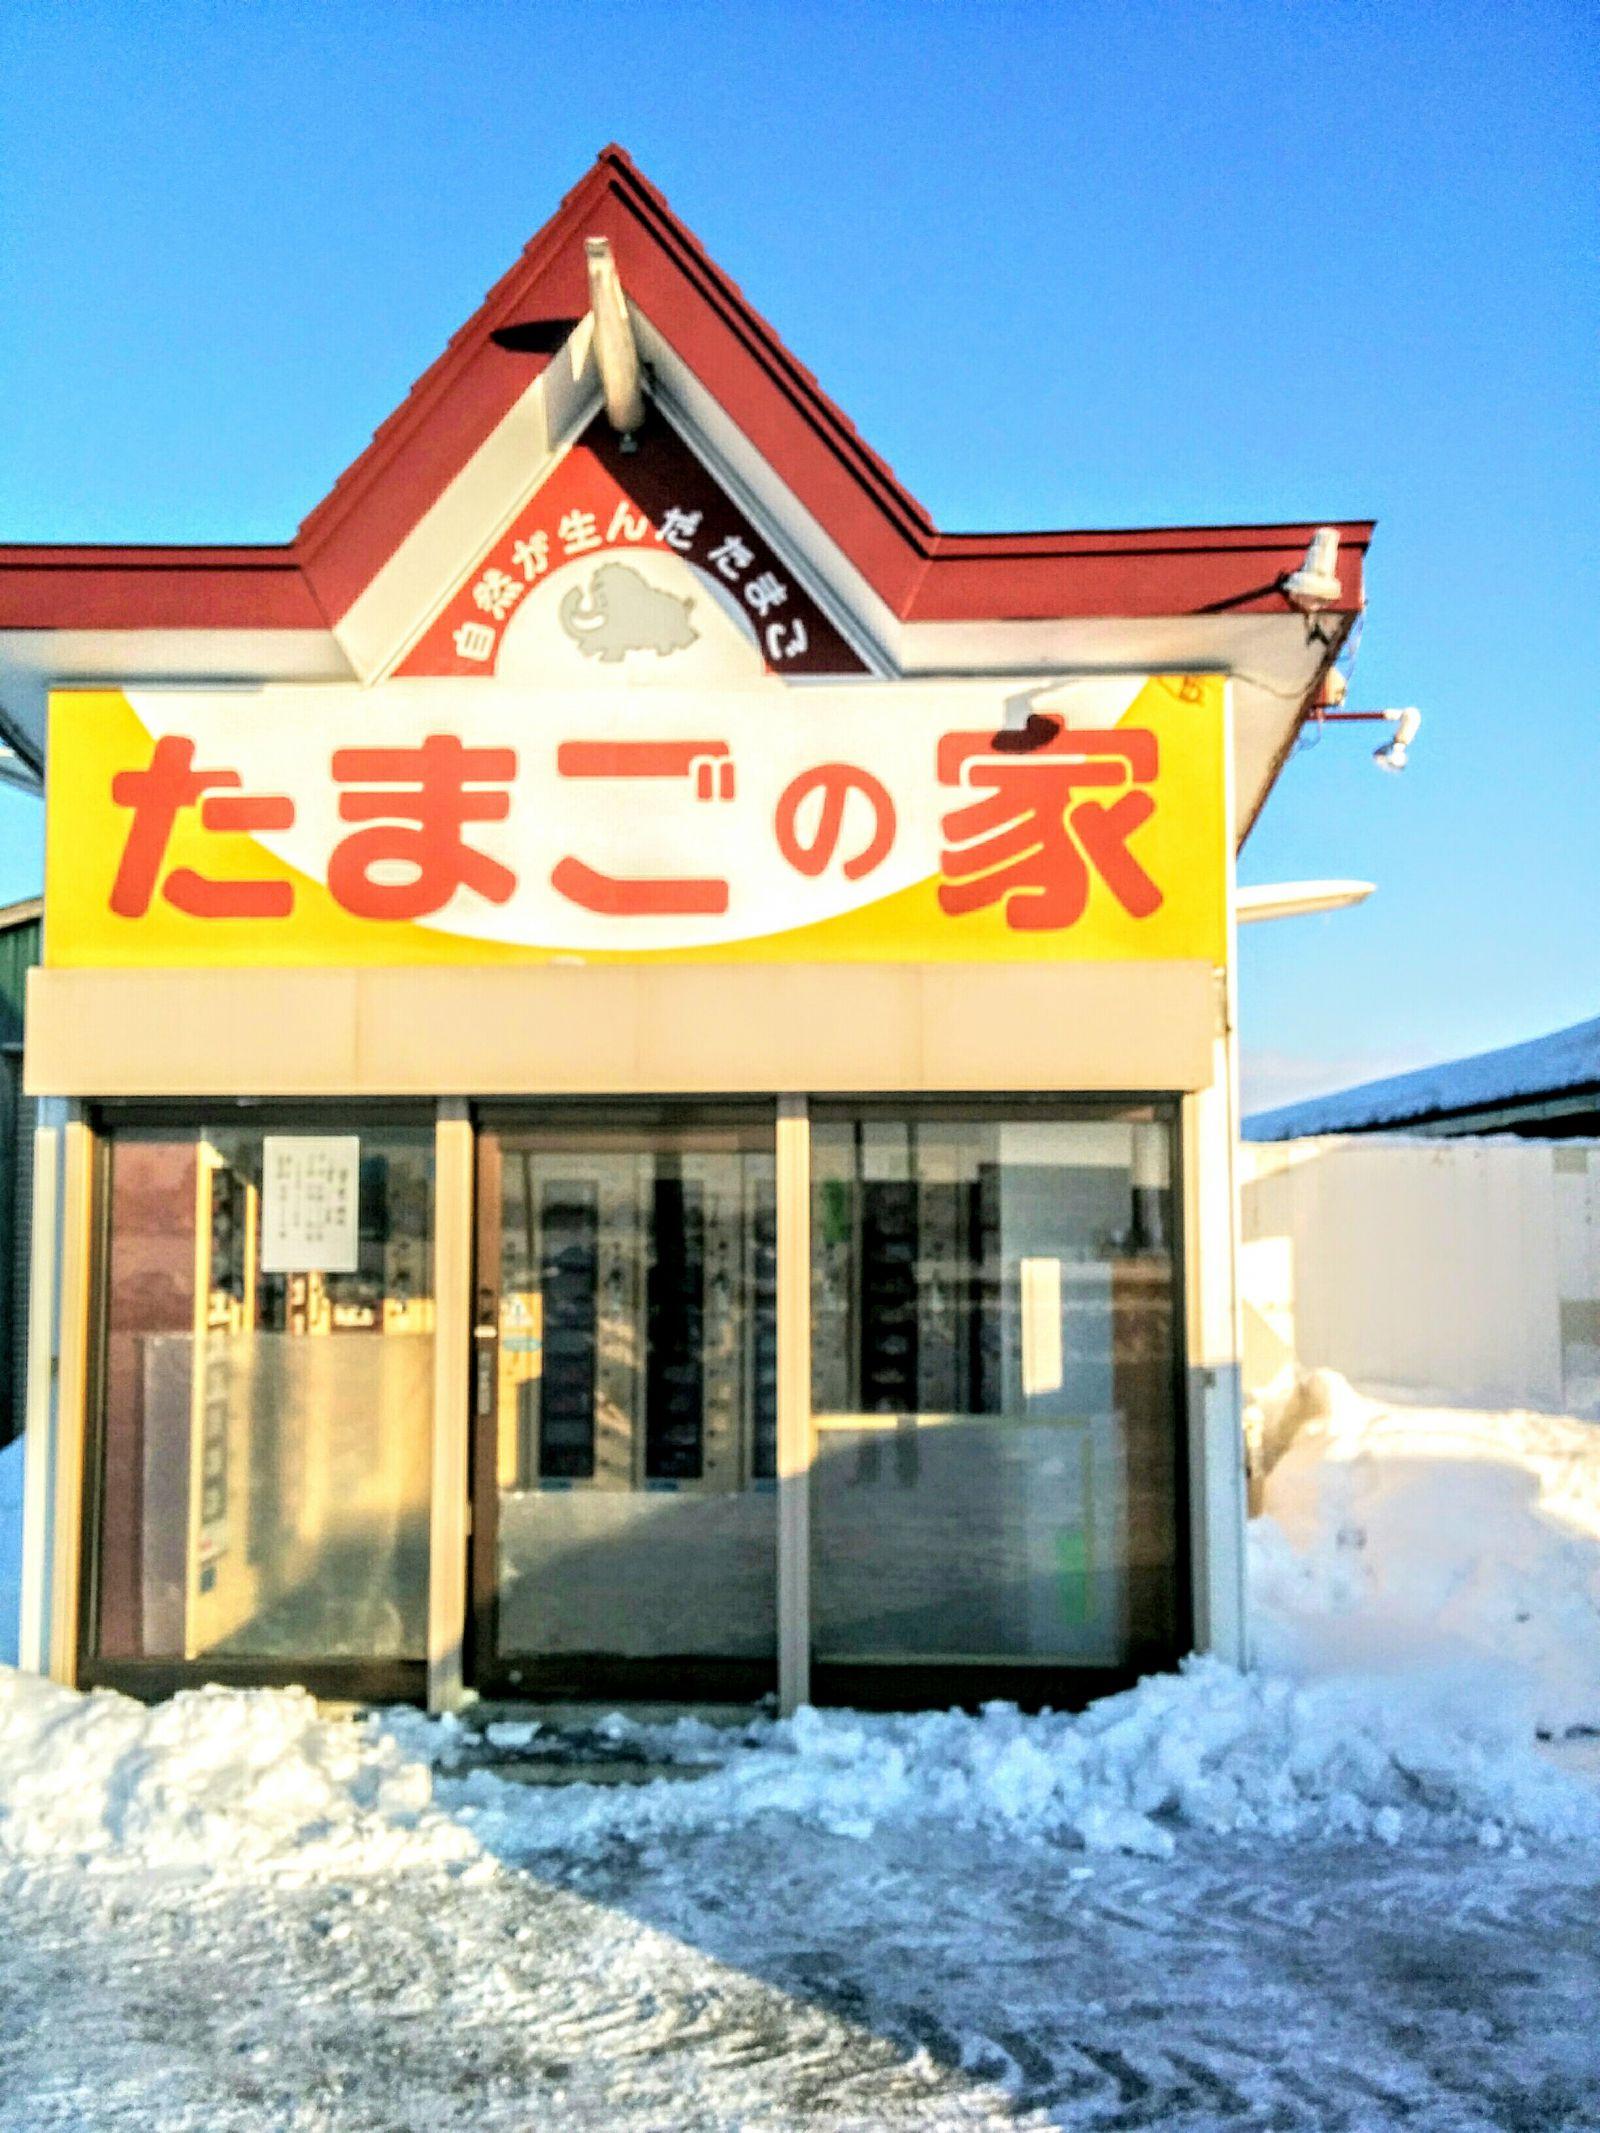 【由仁町】自然卵たまごの家観光タクシー